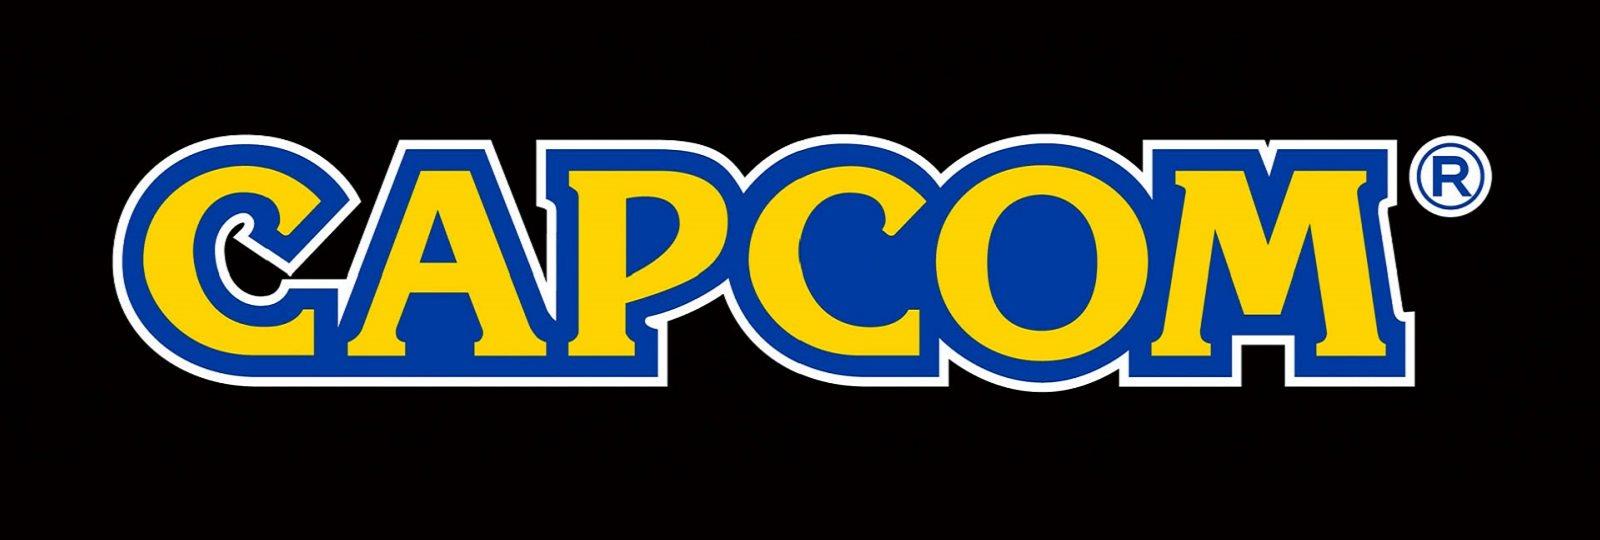 Capcom; logo